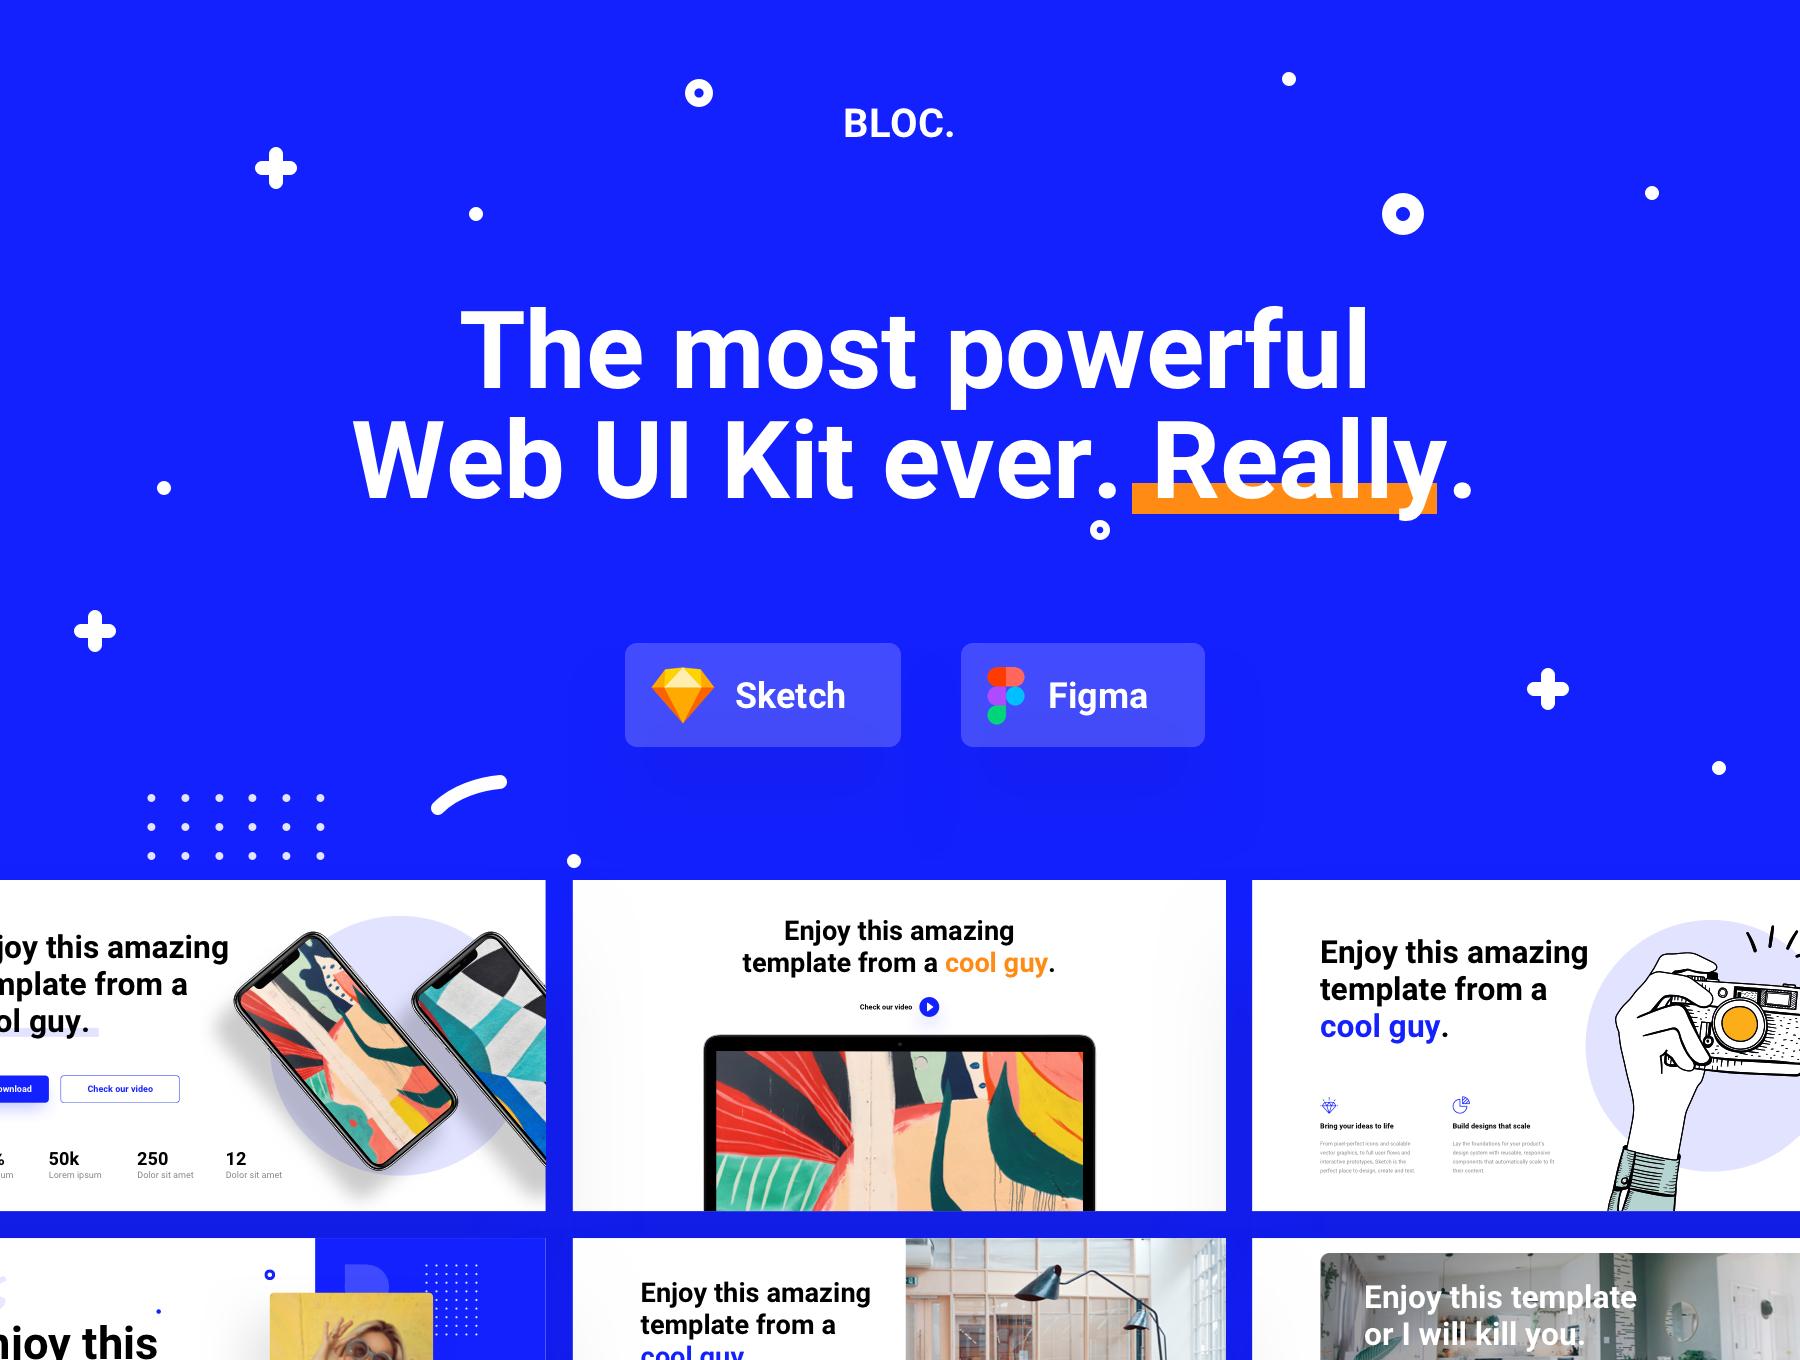 180+精美创意网站WEB UI设计套件 Bloc Web UI Kit插图